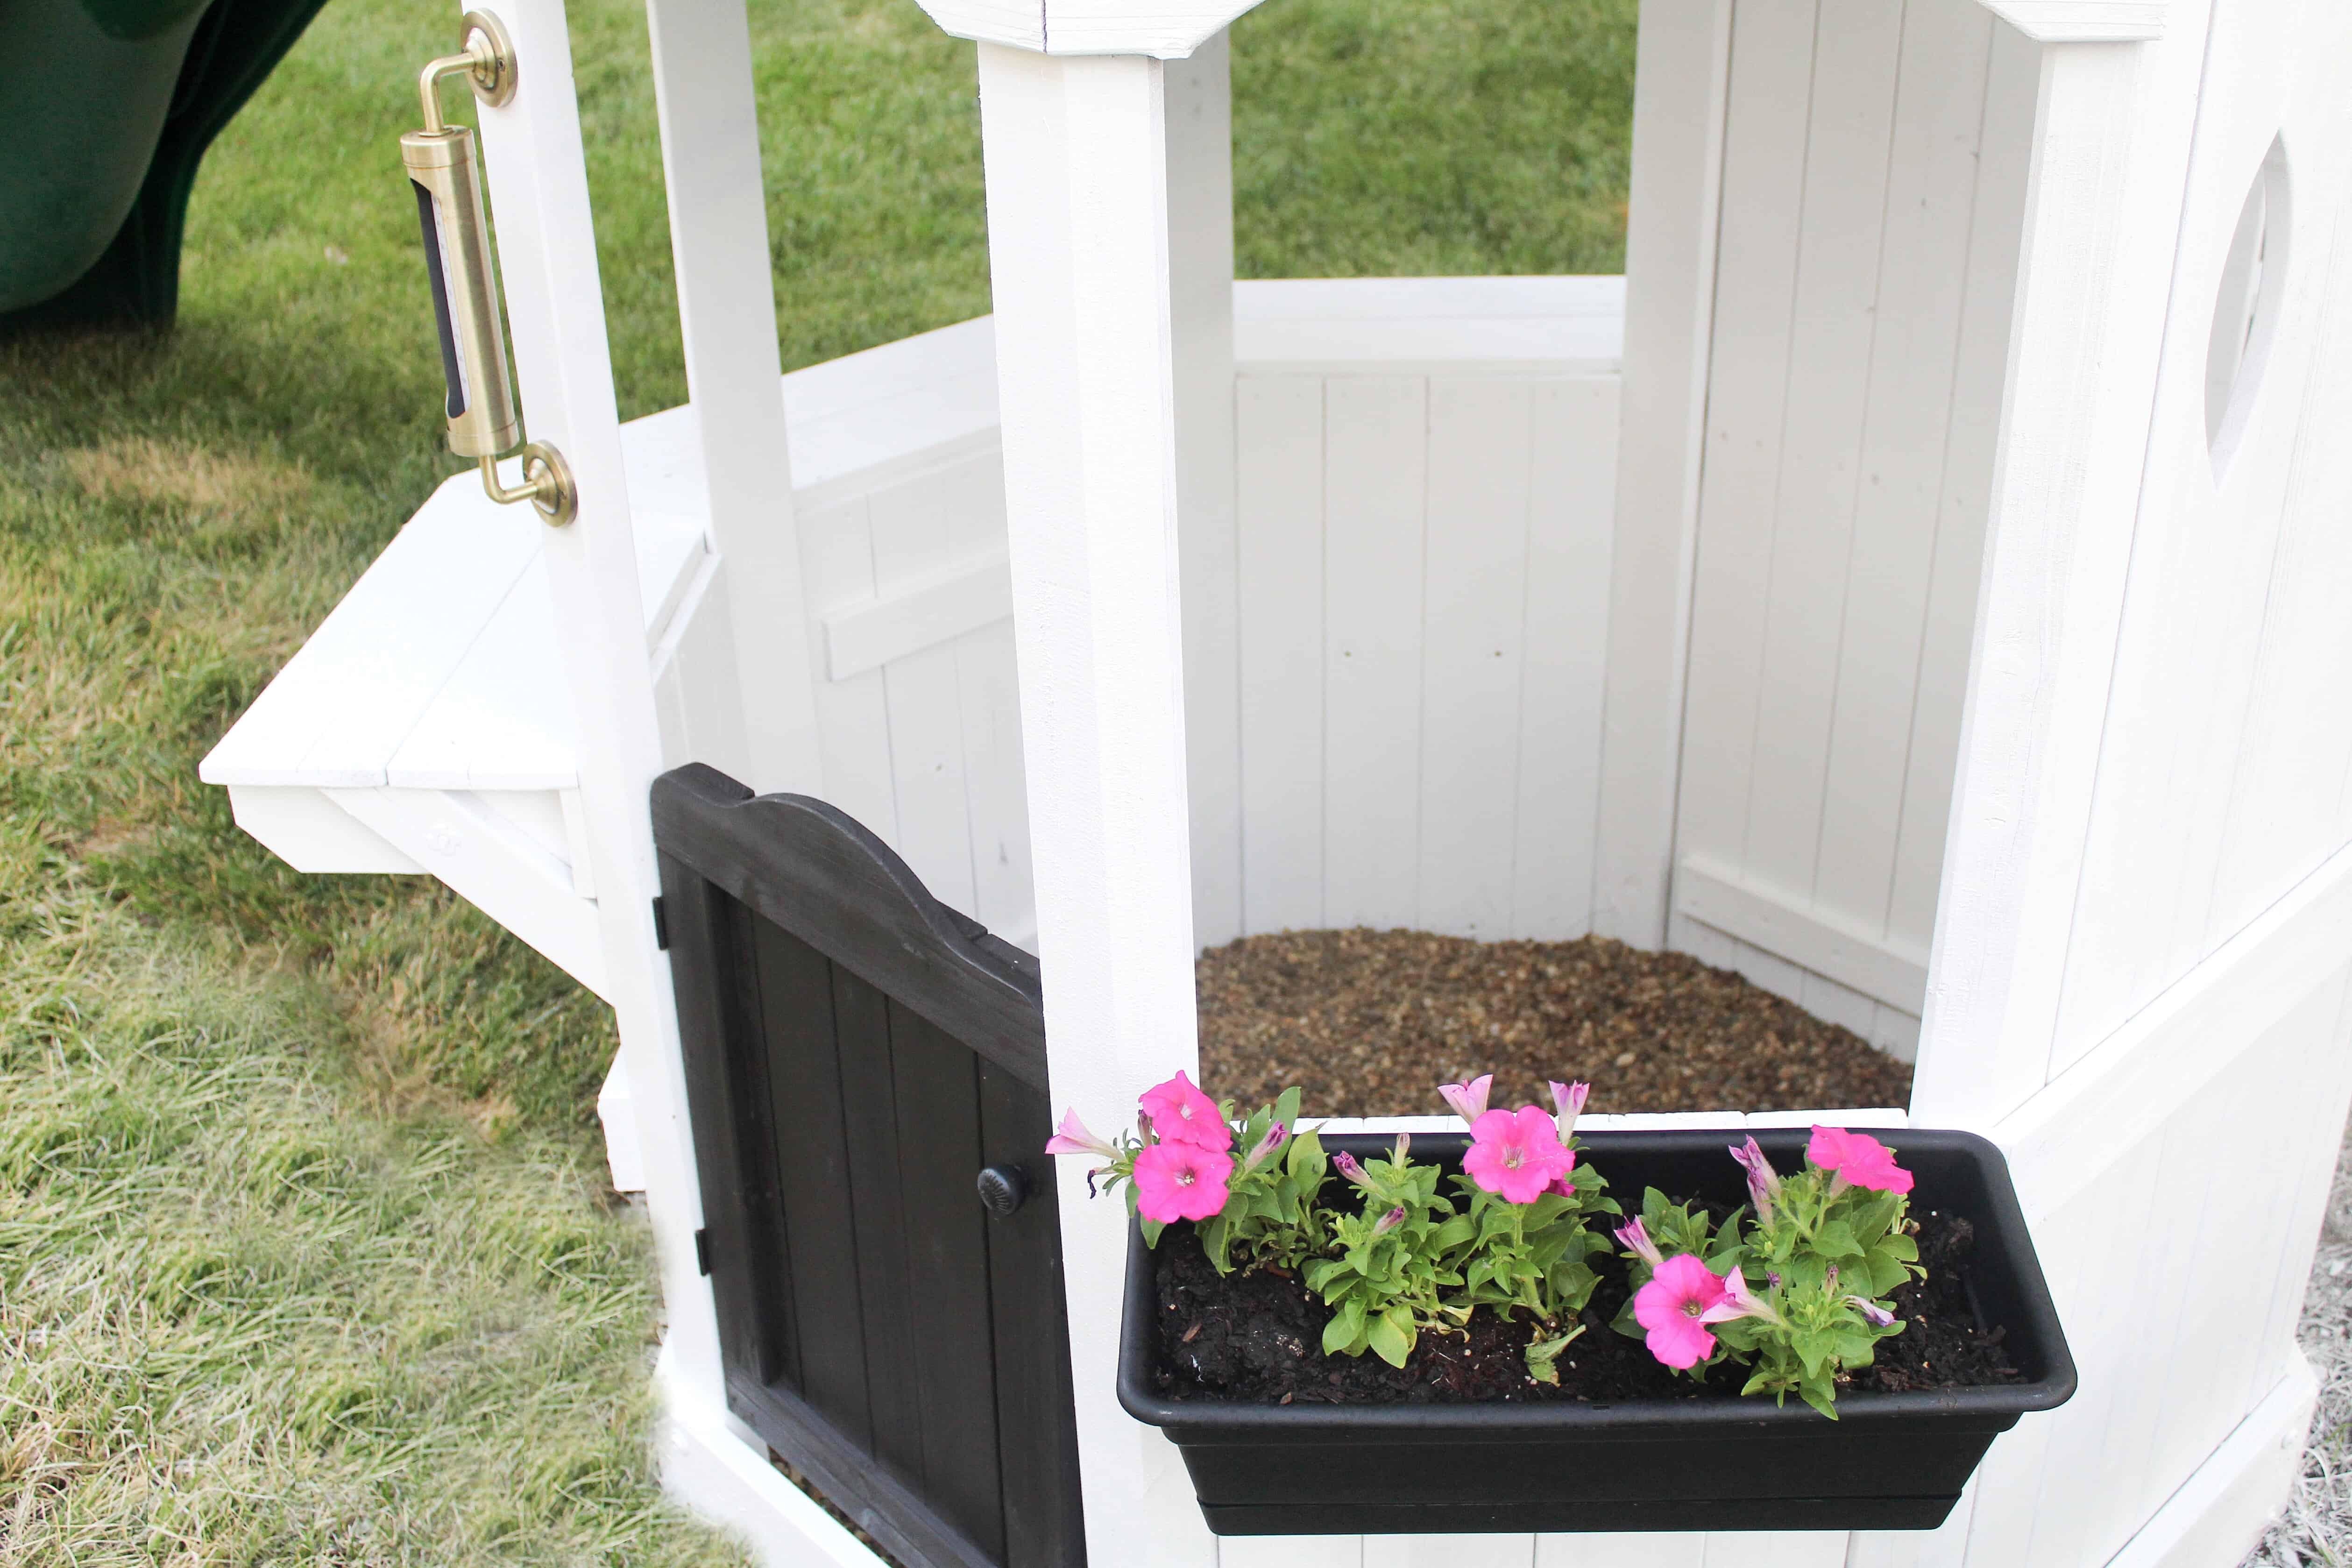 swingset planters | DIY Swingset Makeover